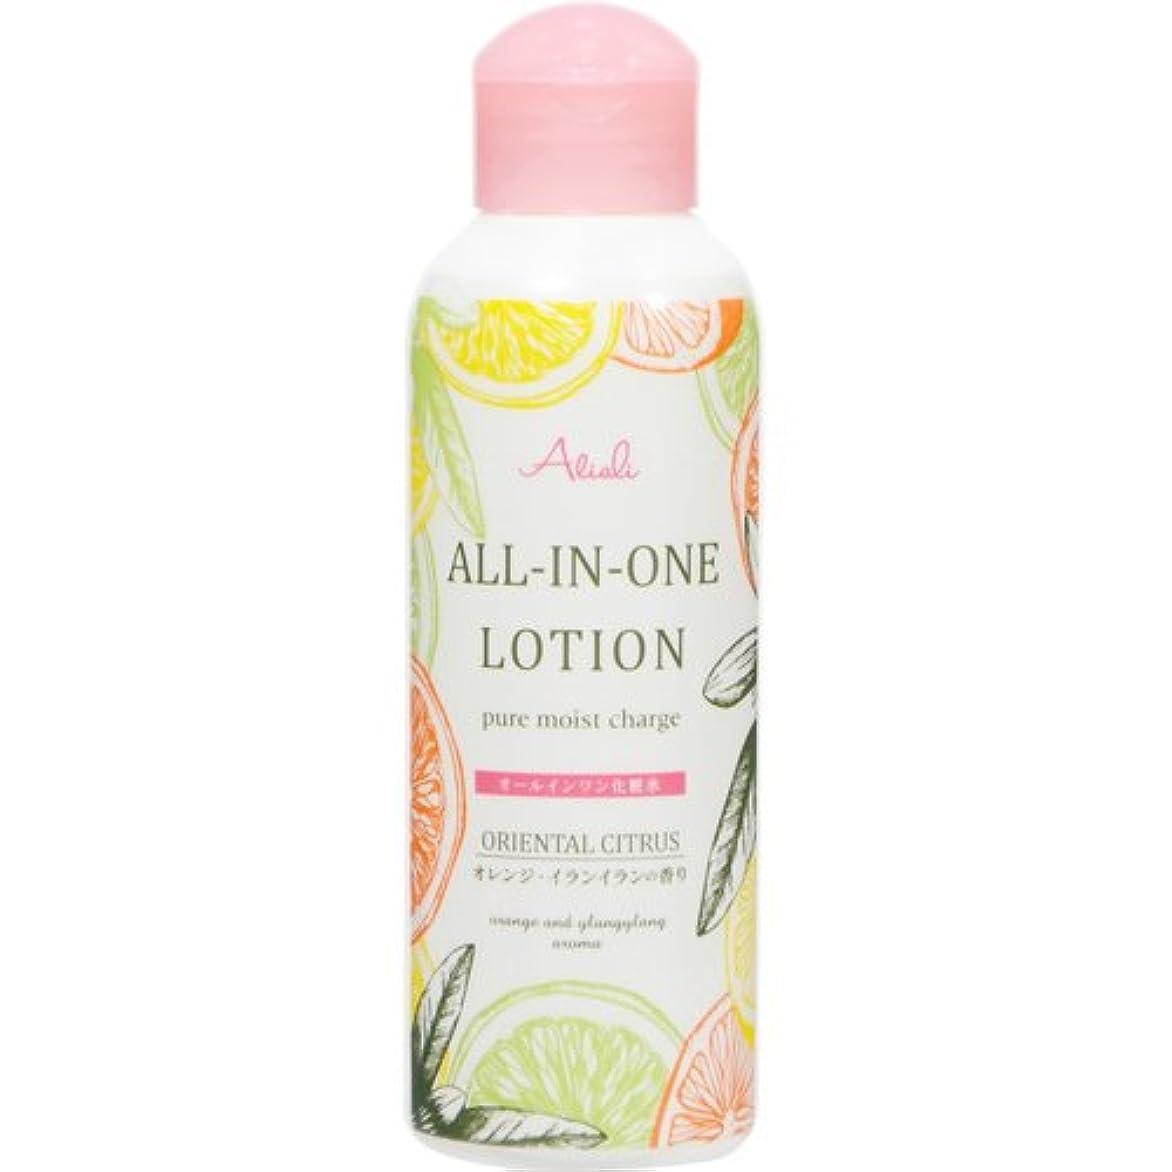 ありふれたスリット欲しいですLOOKS アリアリ オールインワン化粧水(O&Y) オレンジ?イランイランの香り 150ml E485282H